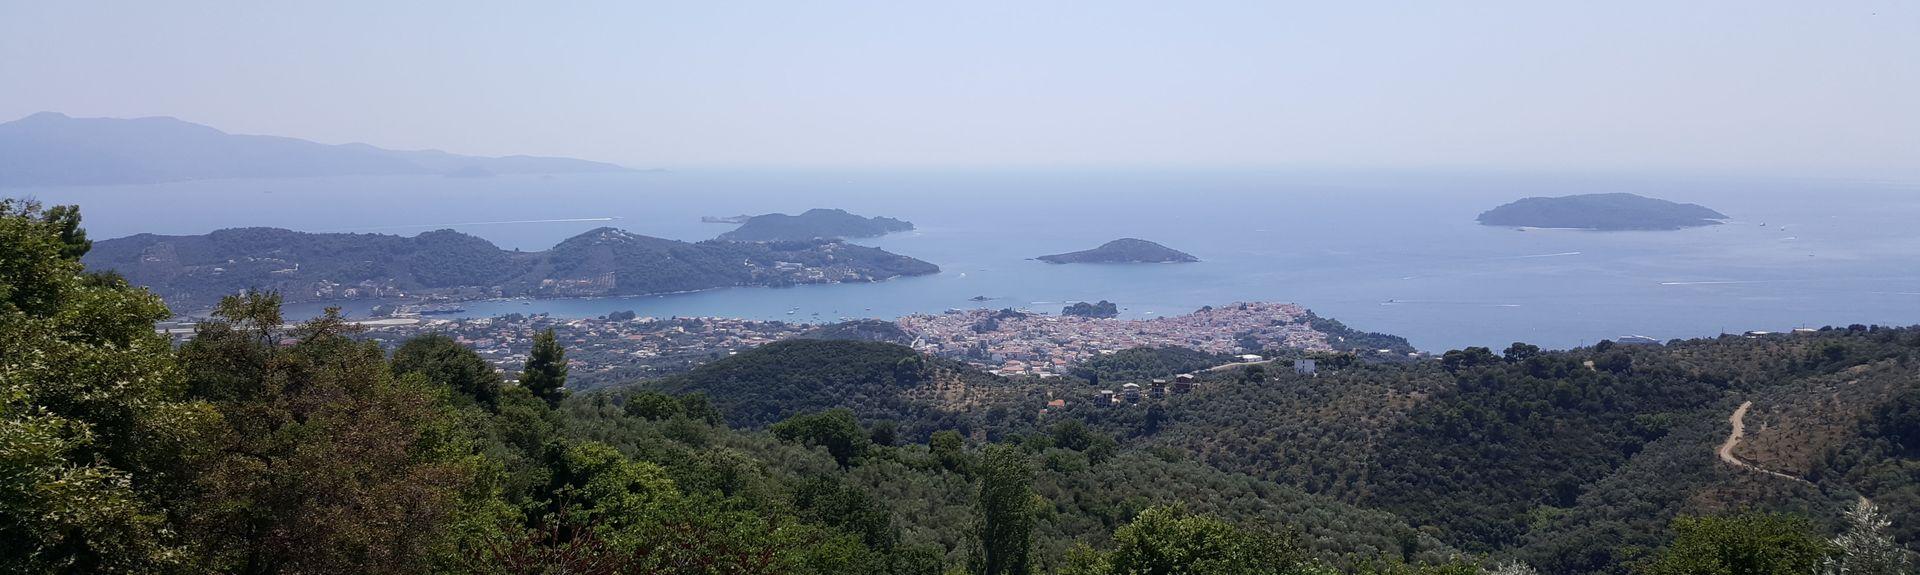 Καναπίτσα, Θεσσαλία Στερεά Ελλάδα, Ελλάδα